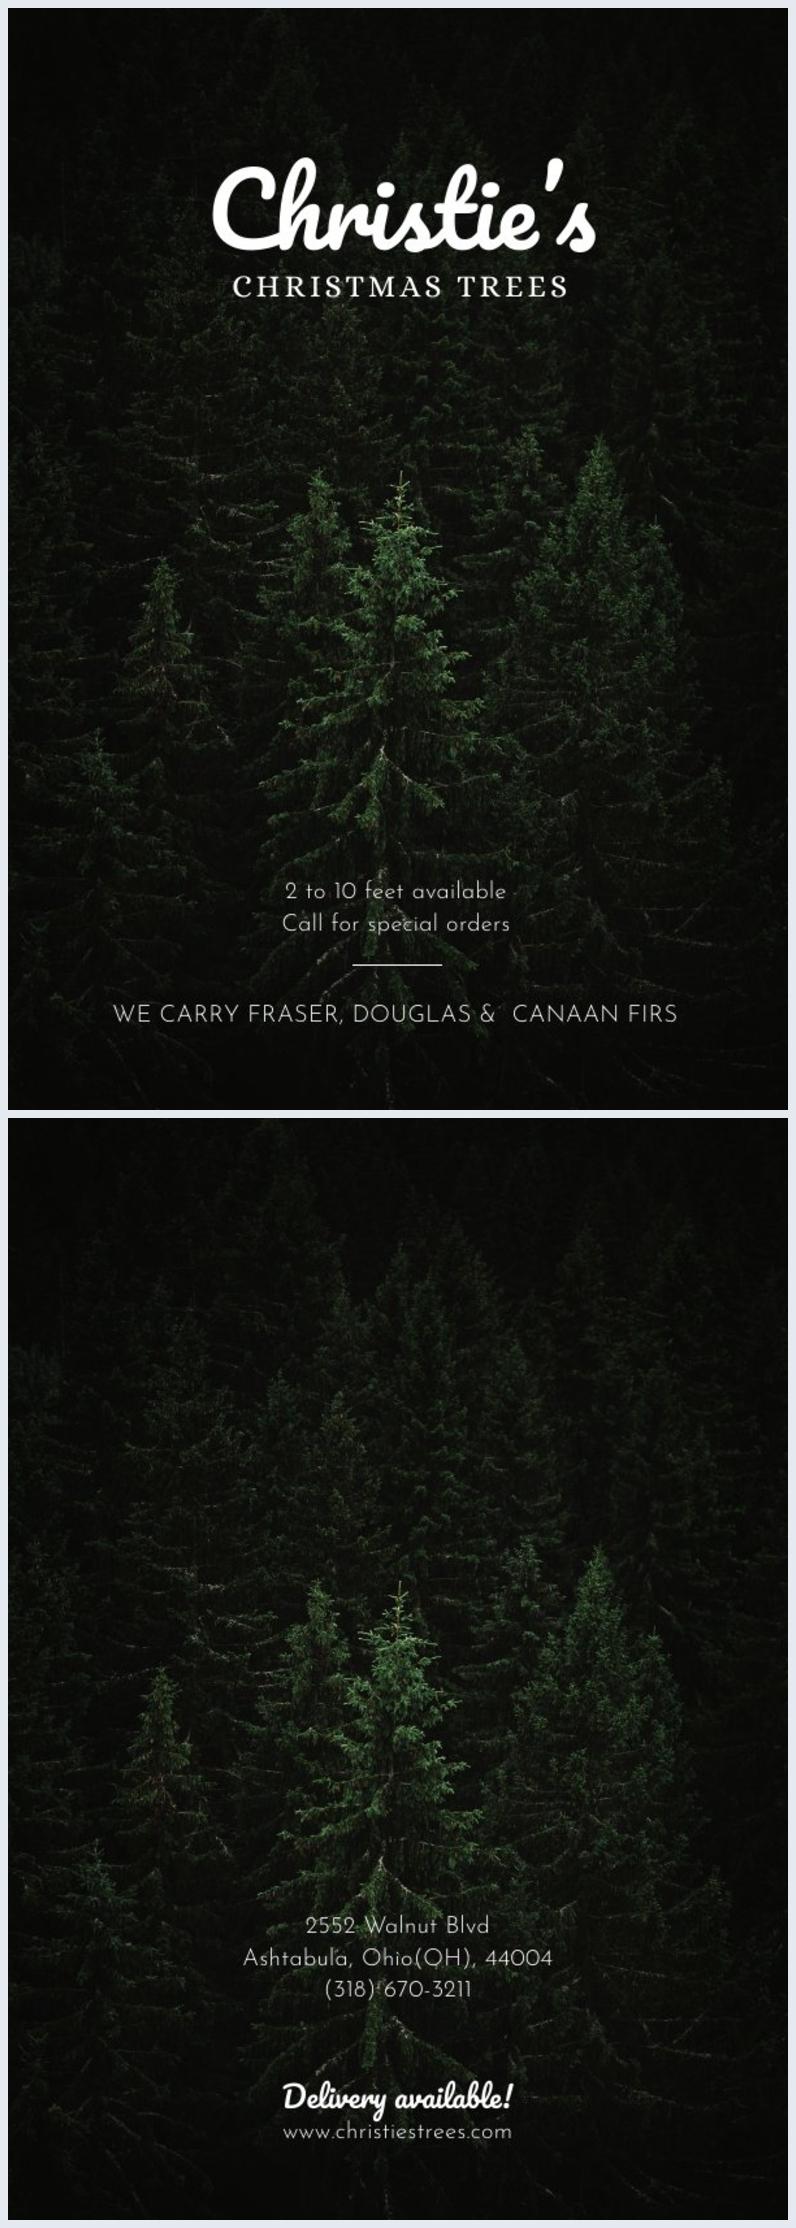 Esempio di grafica per volantino di negozio degli alberi di Natale